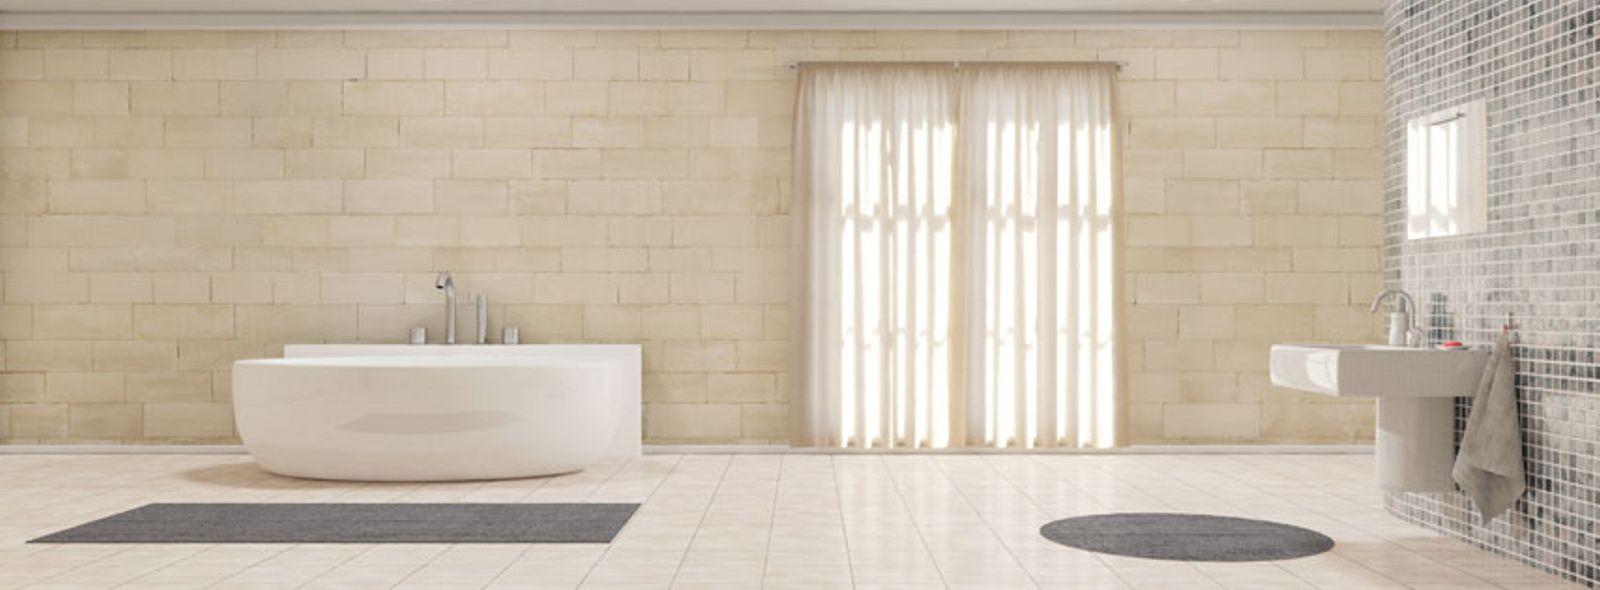 Rivestire piastrelle bagno best piastrelle bagno catalogo - Come rivestire il bagno ...